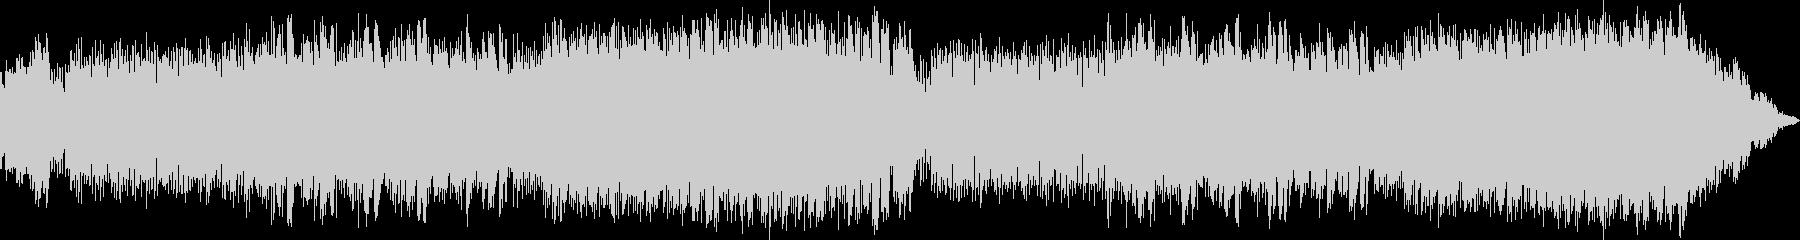 フォルクローレ風のファンタジーBGMの未再生の波形